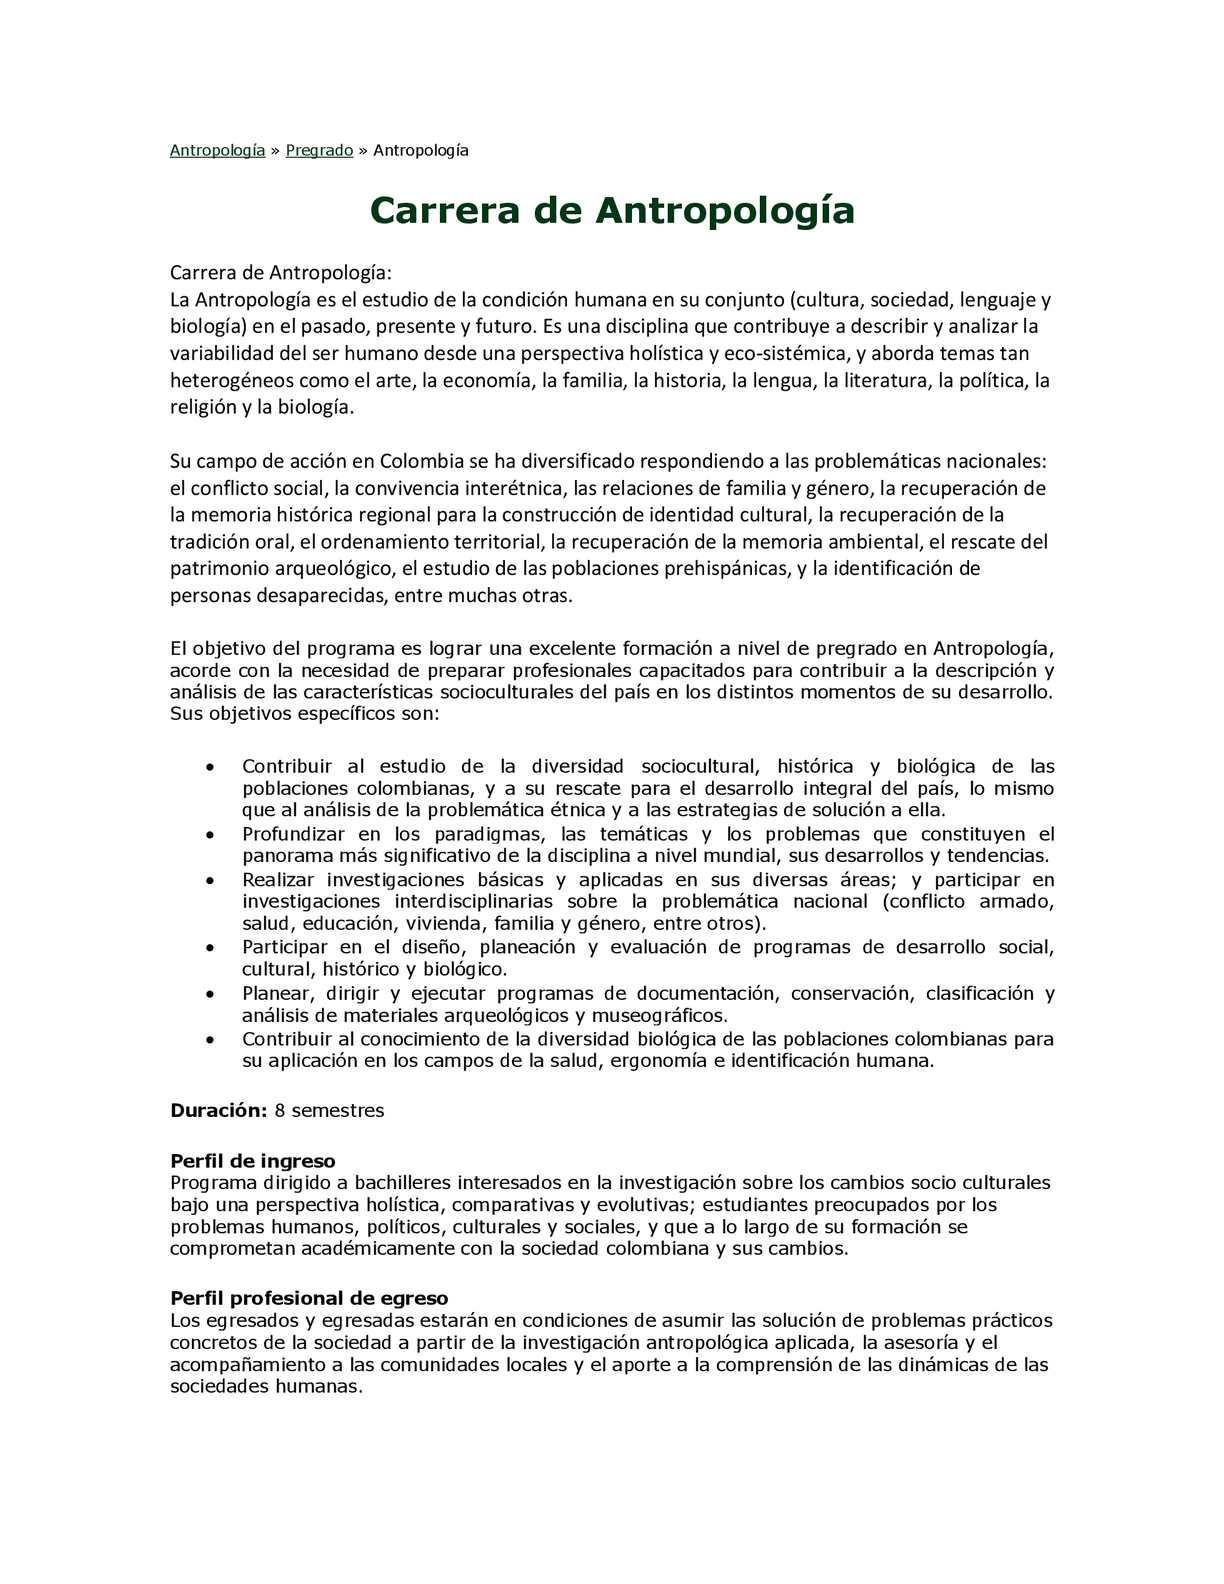 Calaméo Pensum Para La Creación De La Facultad De Antropología